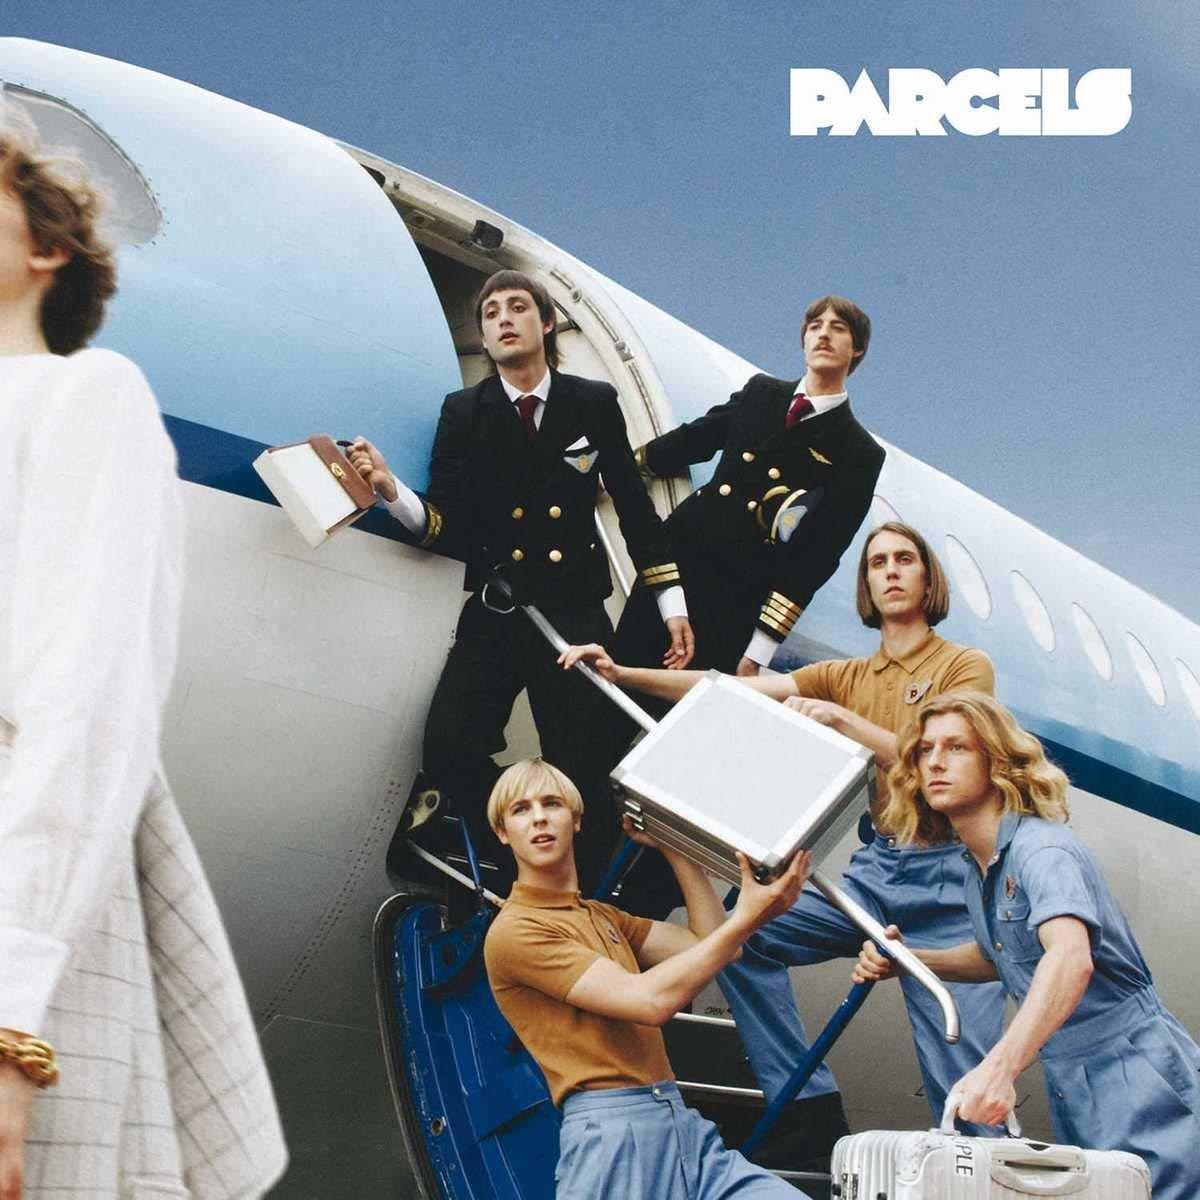 Parcels / Parcels(LP)